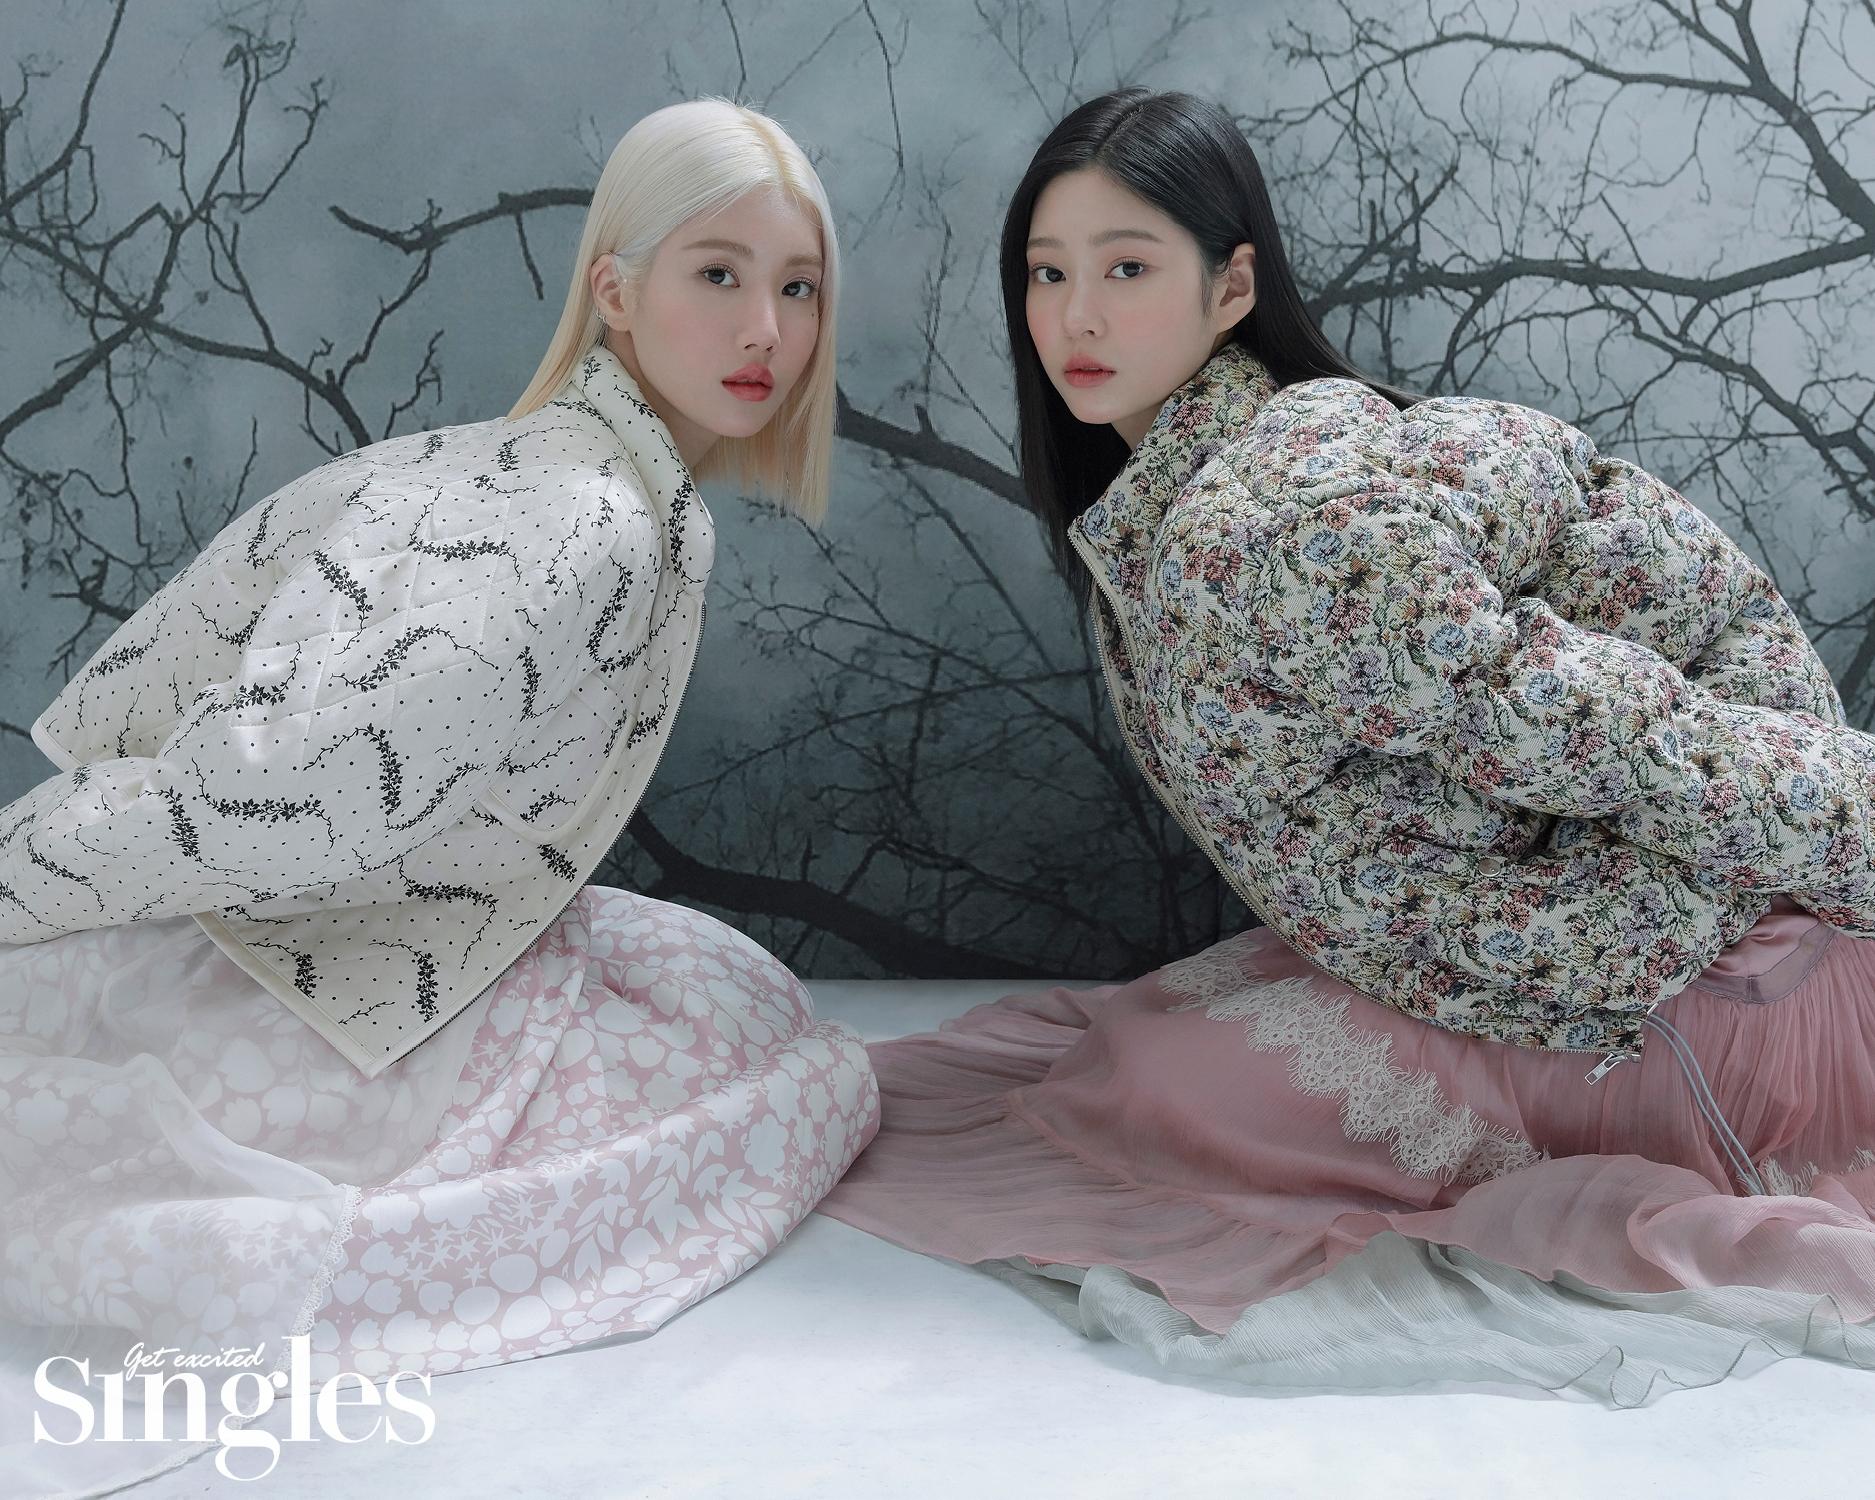 아이즈원[IZONE] 권은비, 김민주 싱글즈 2021 1월호 고화질 화보 7장